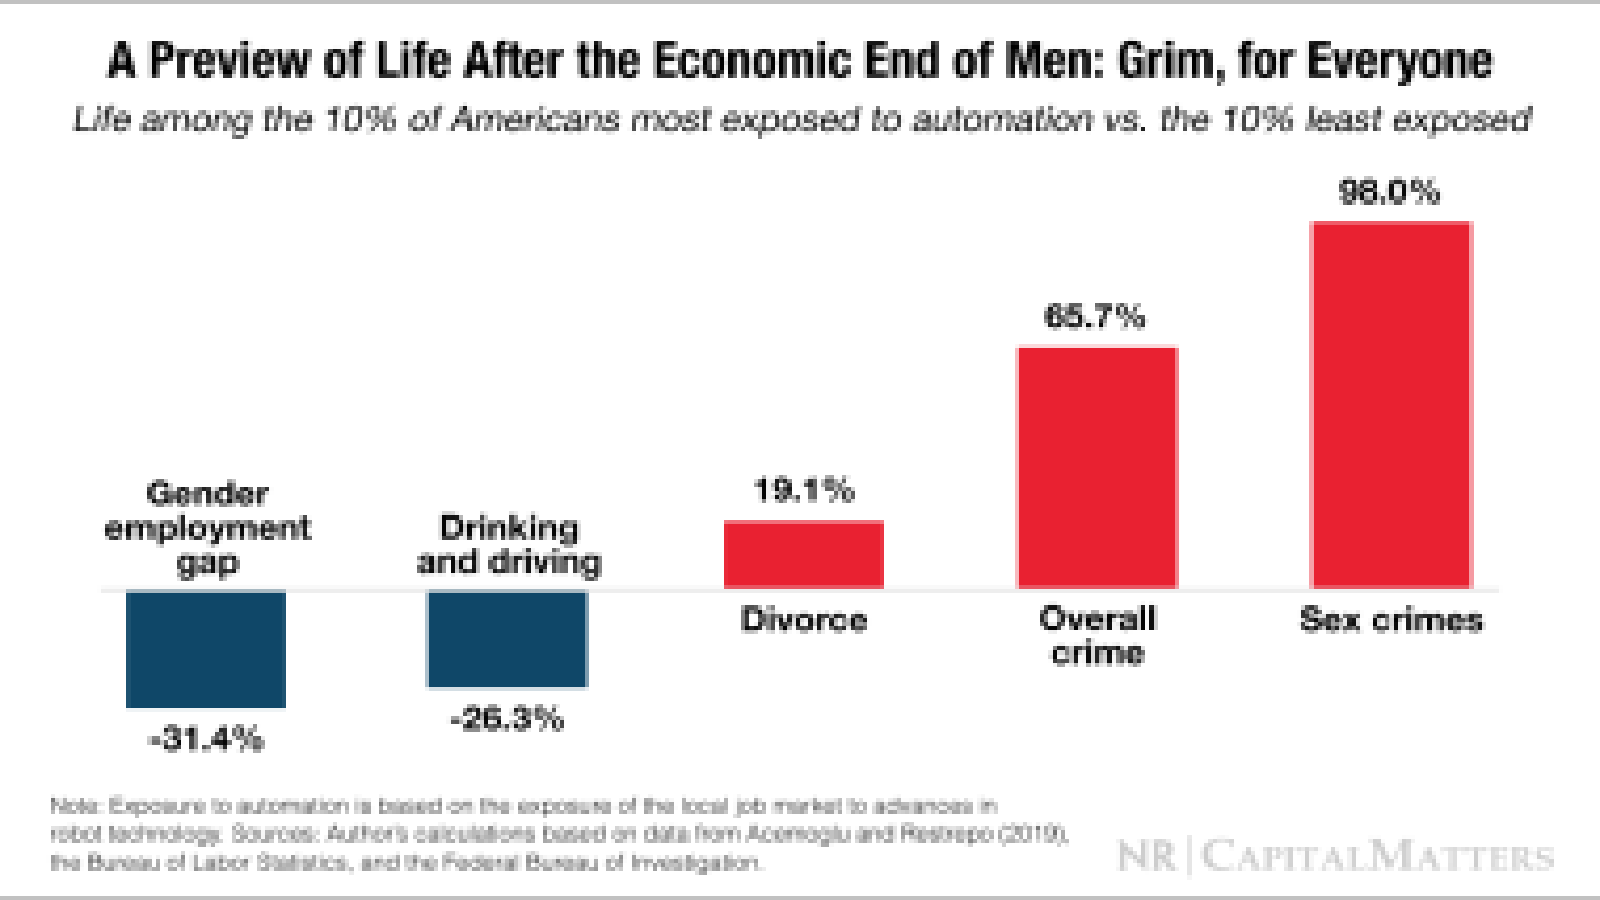 Fear the Economic 'End of Men'